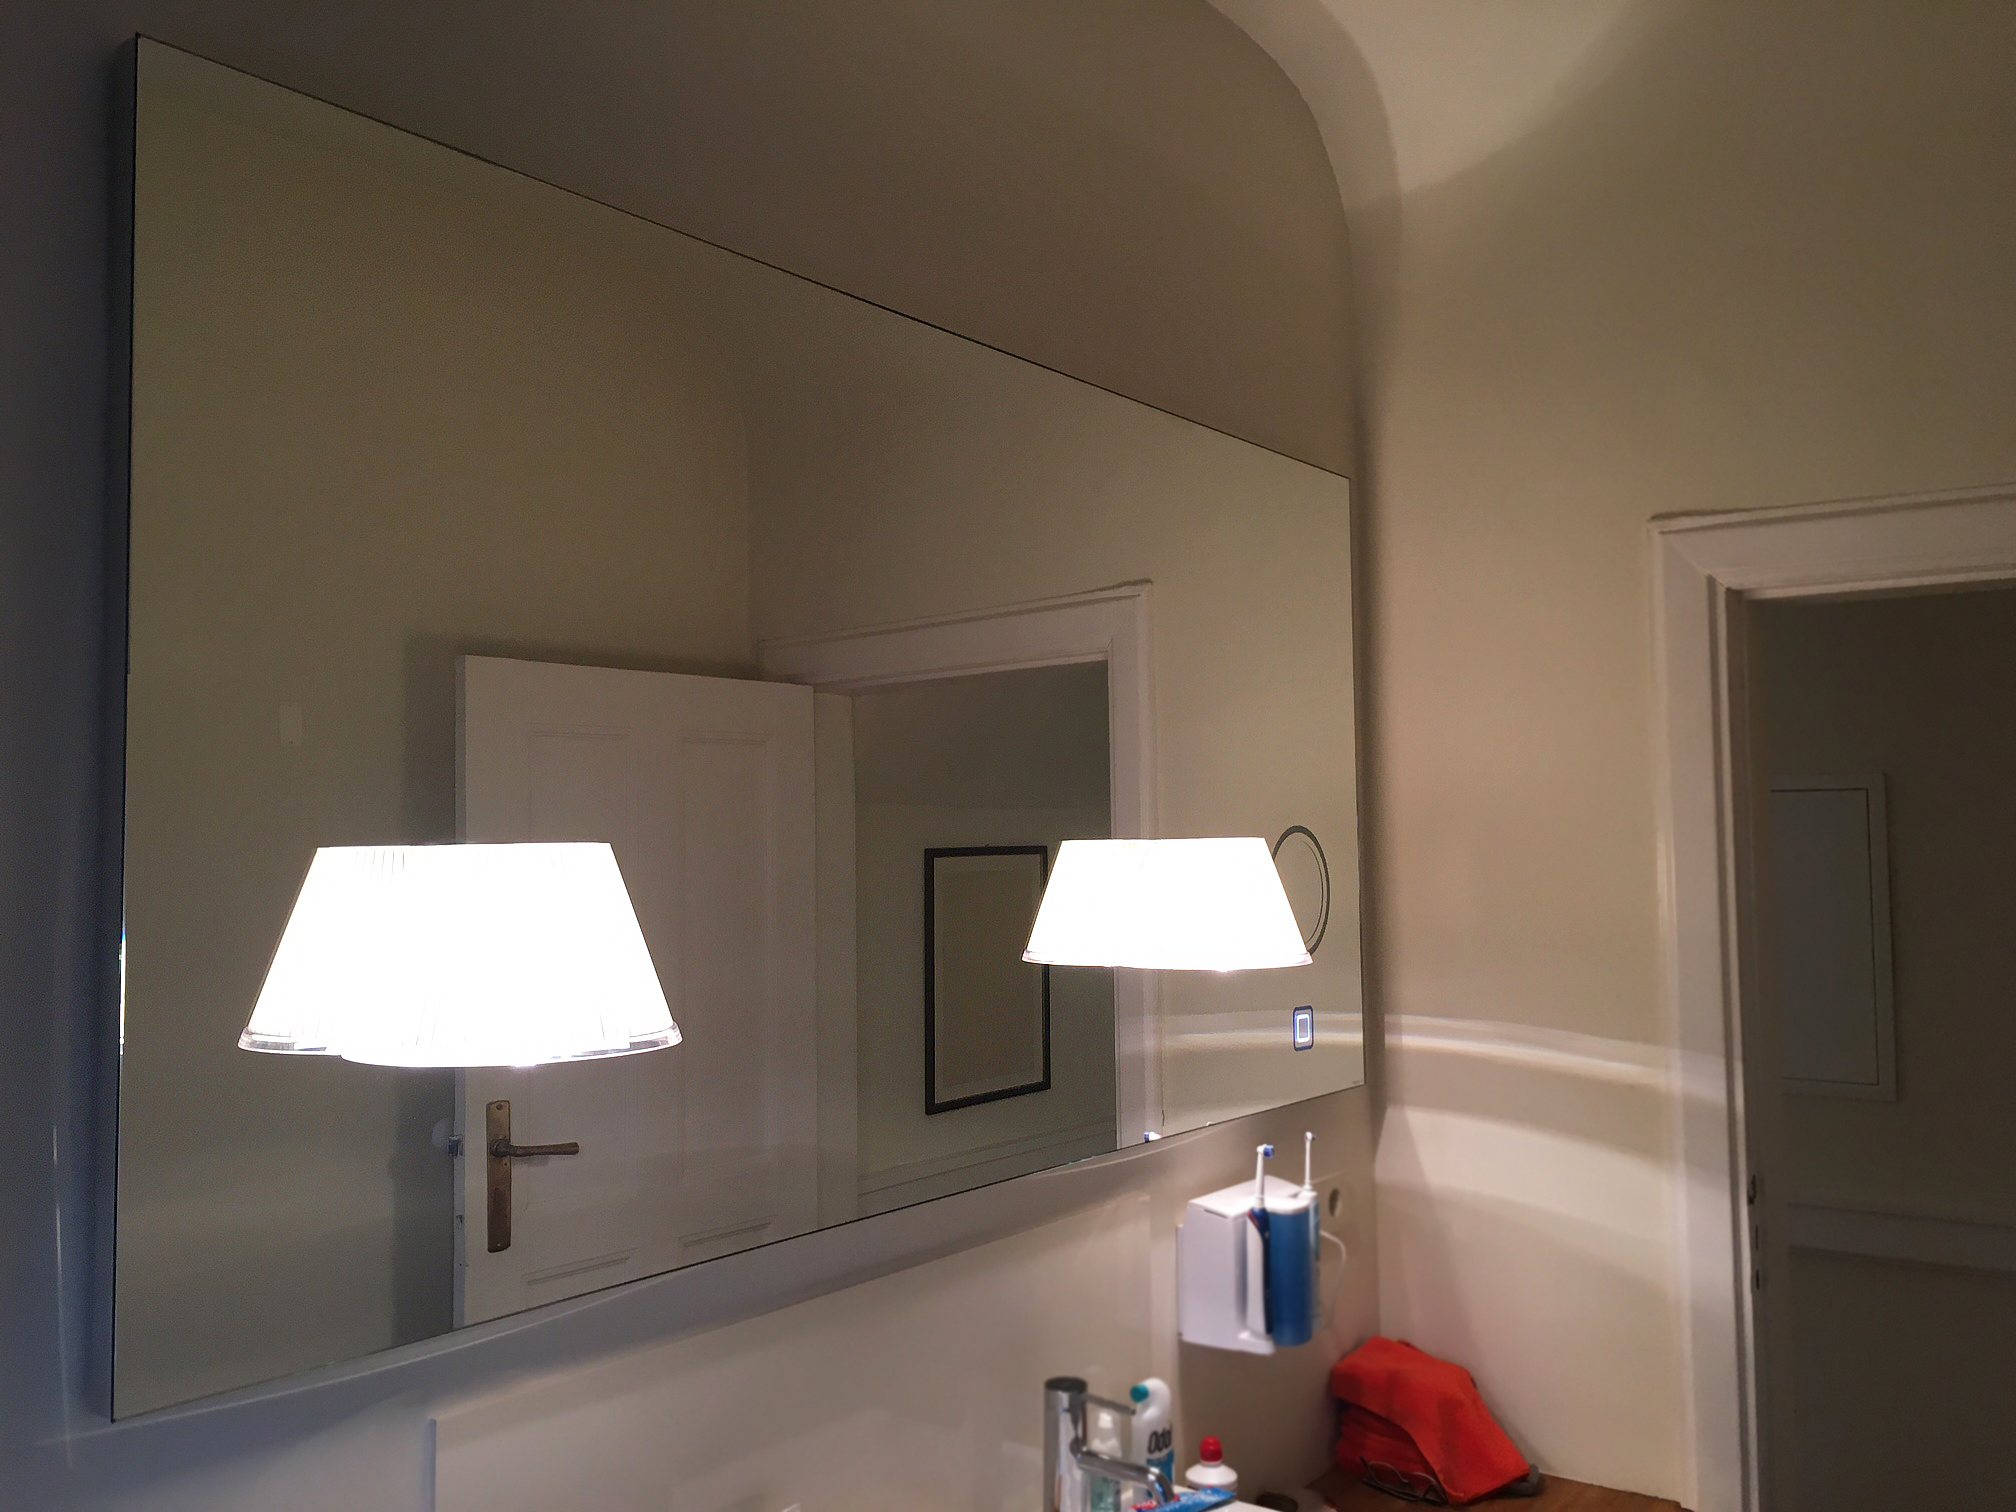 Spiegelschalter